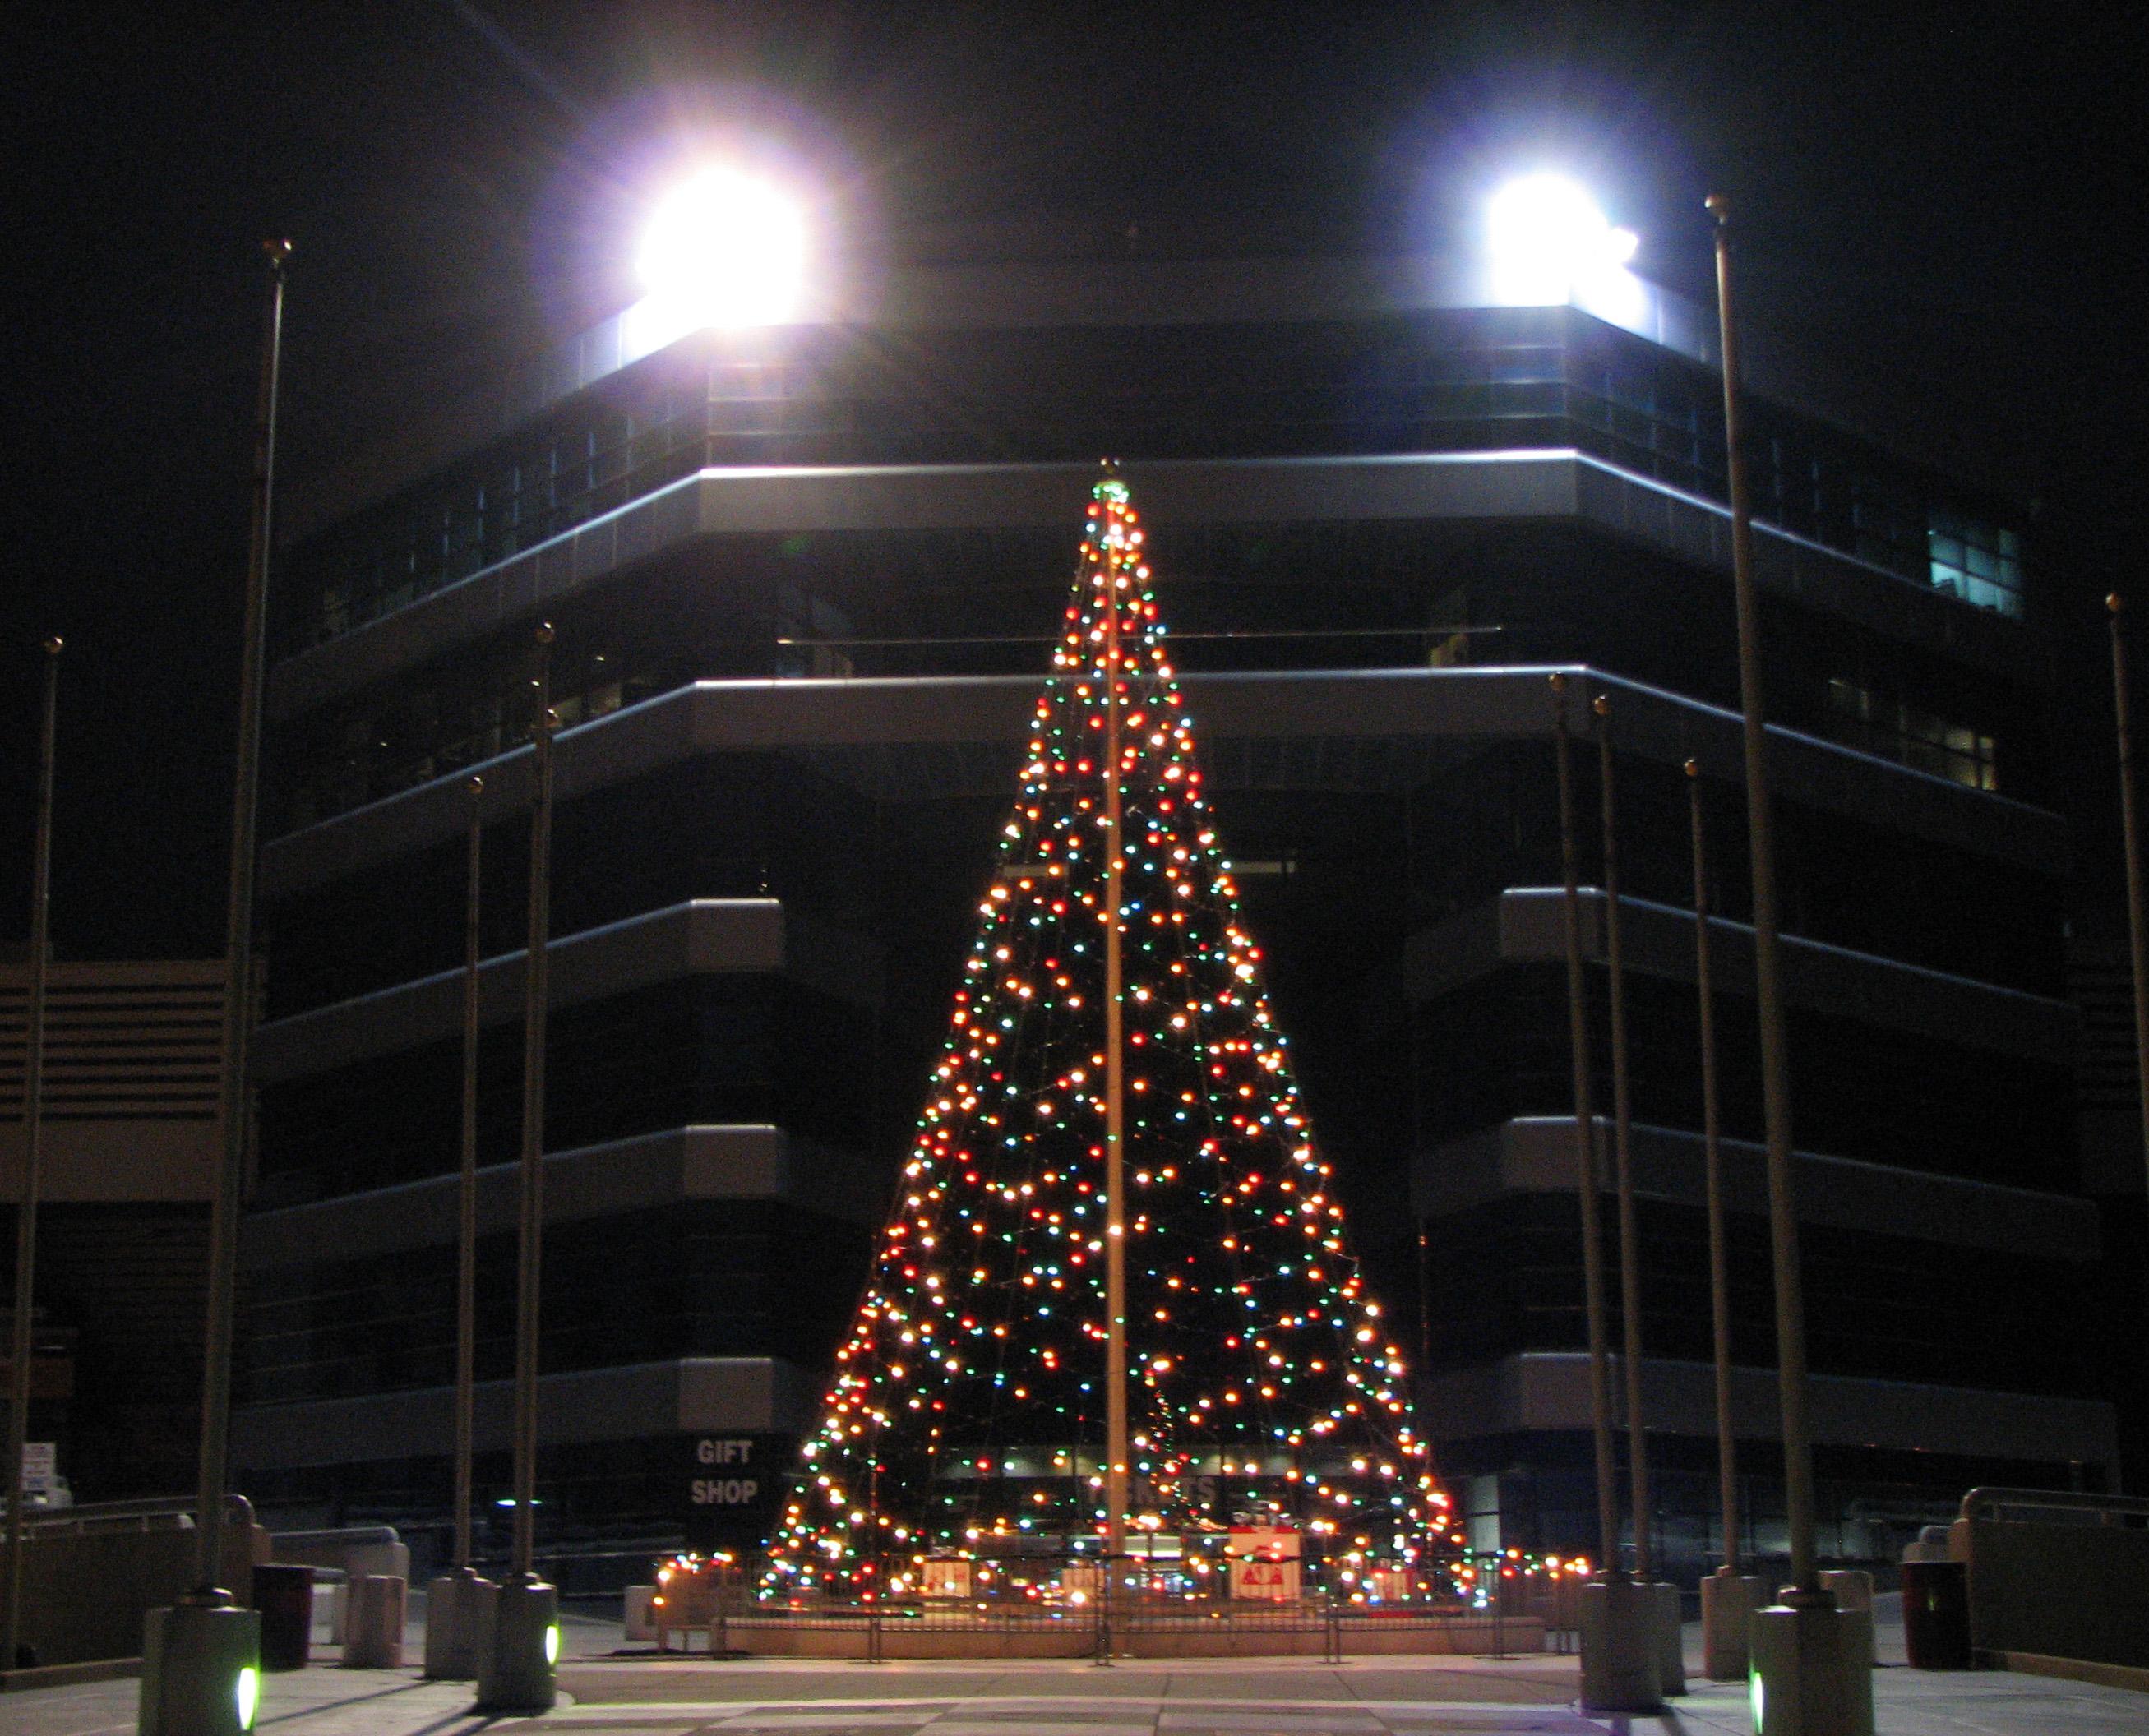 Christmas across the carolinas lowes motor speedway for Lowes motor speedway christmas lights